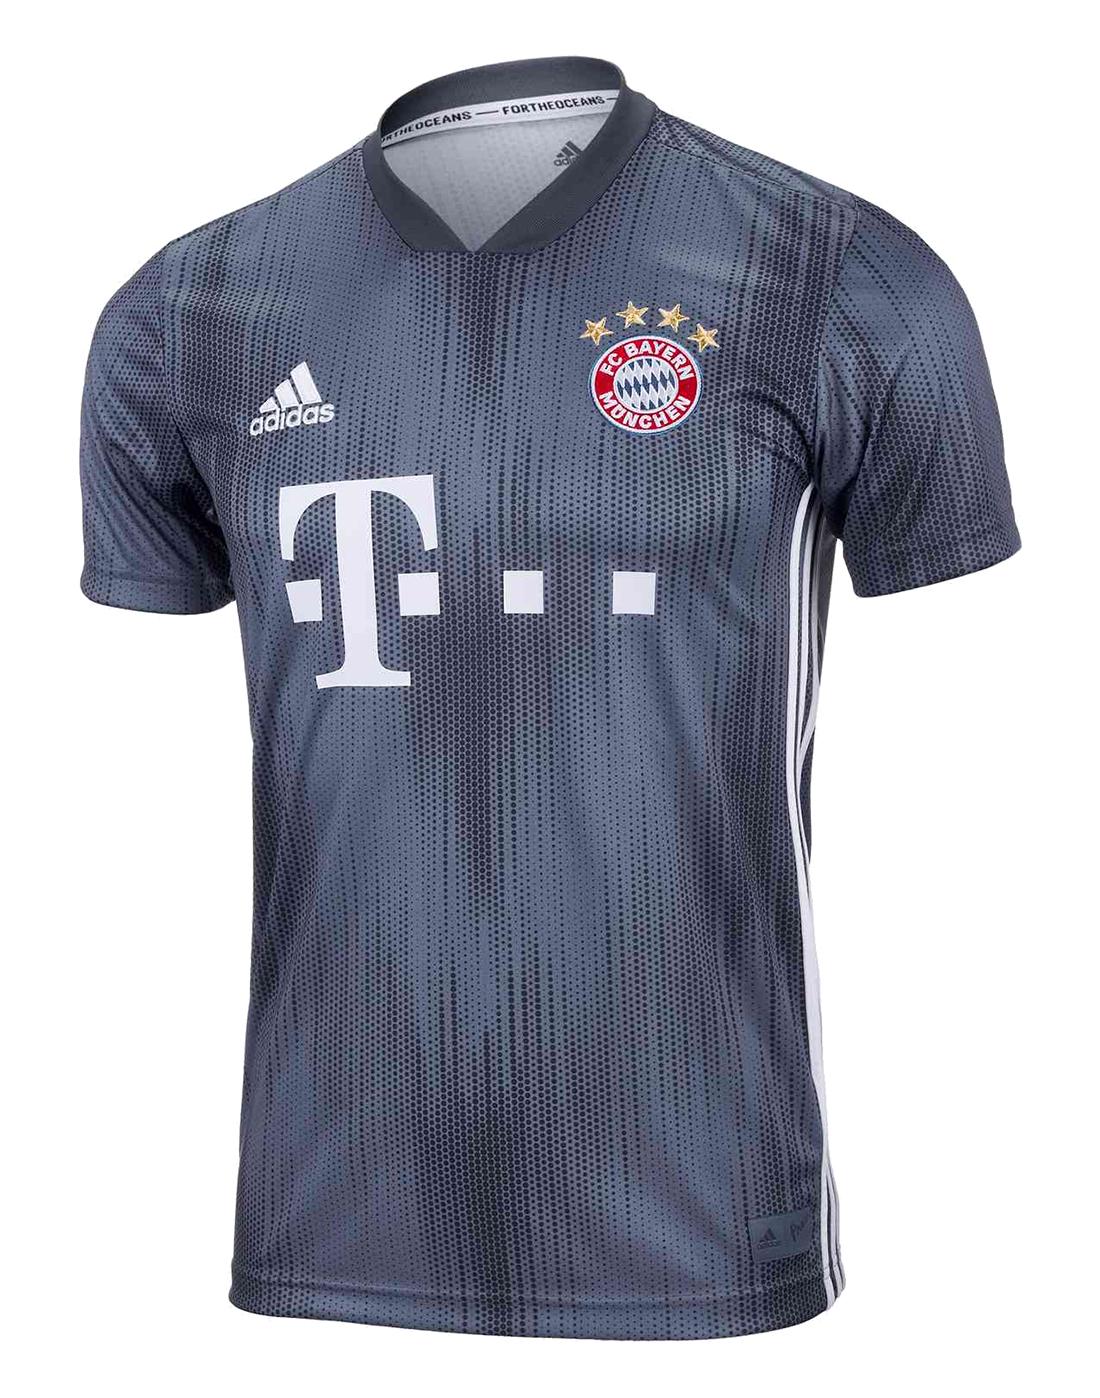 meet e7d37 5bc94 Kids FC Bayern Munich 18/19 Third Jersey